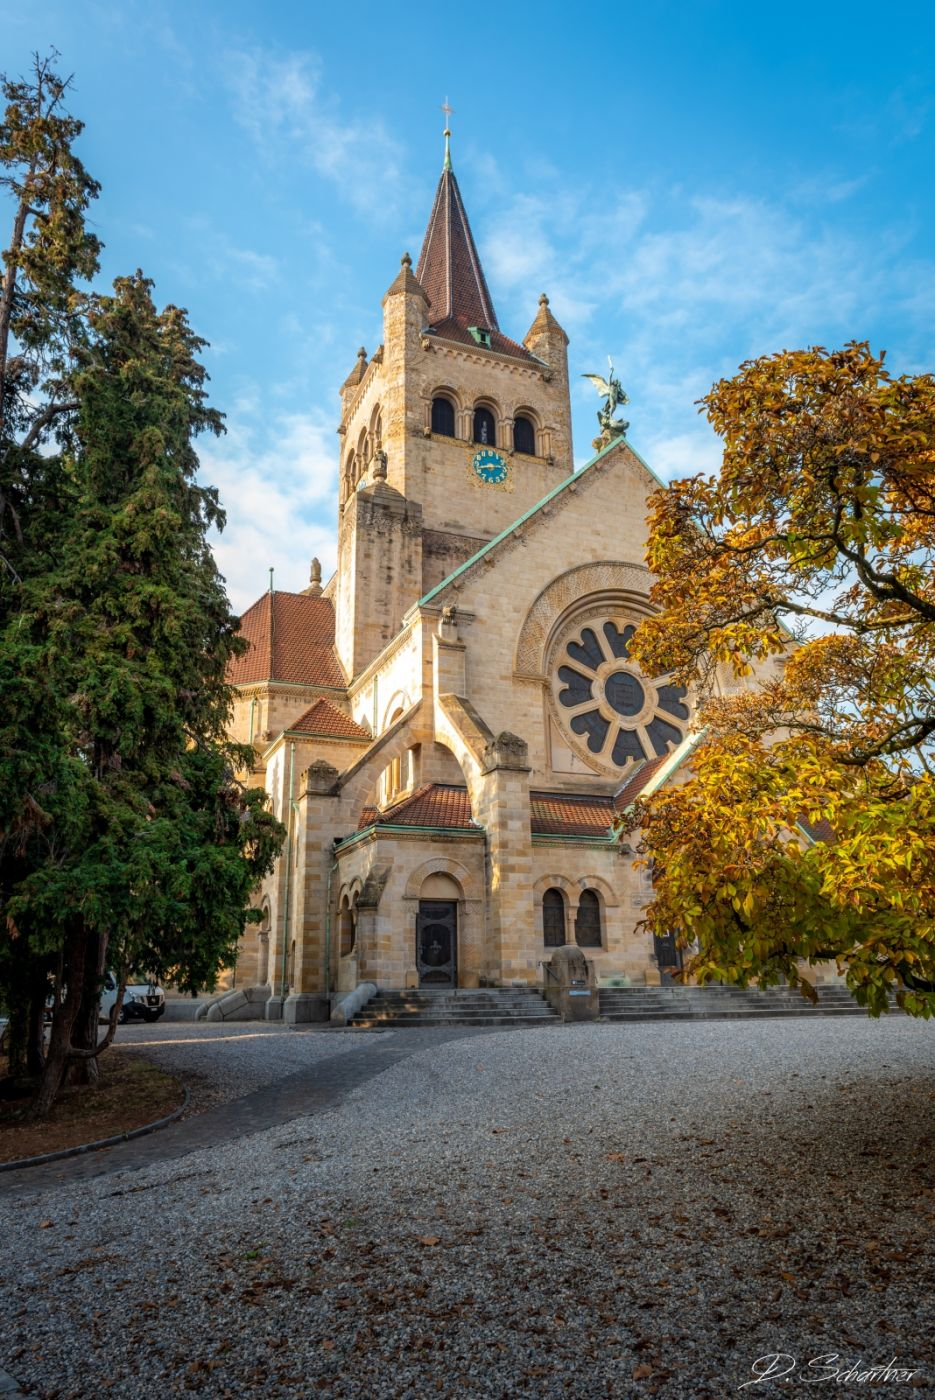 Paulus church, Switzerland